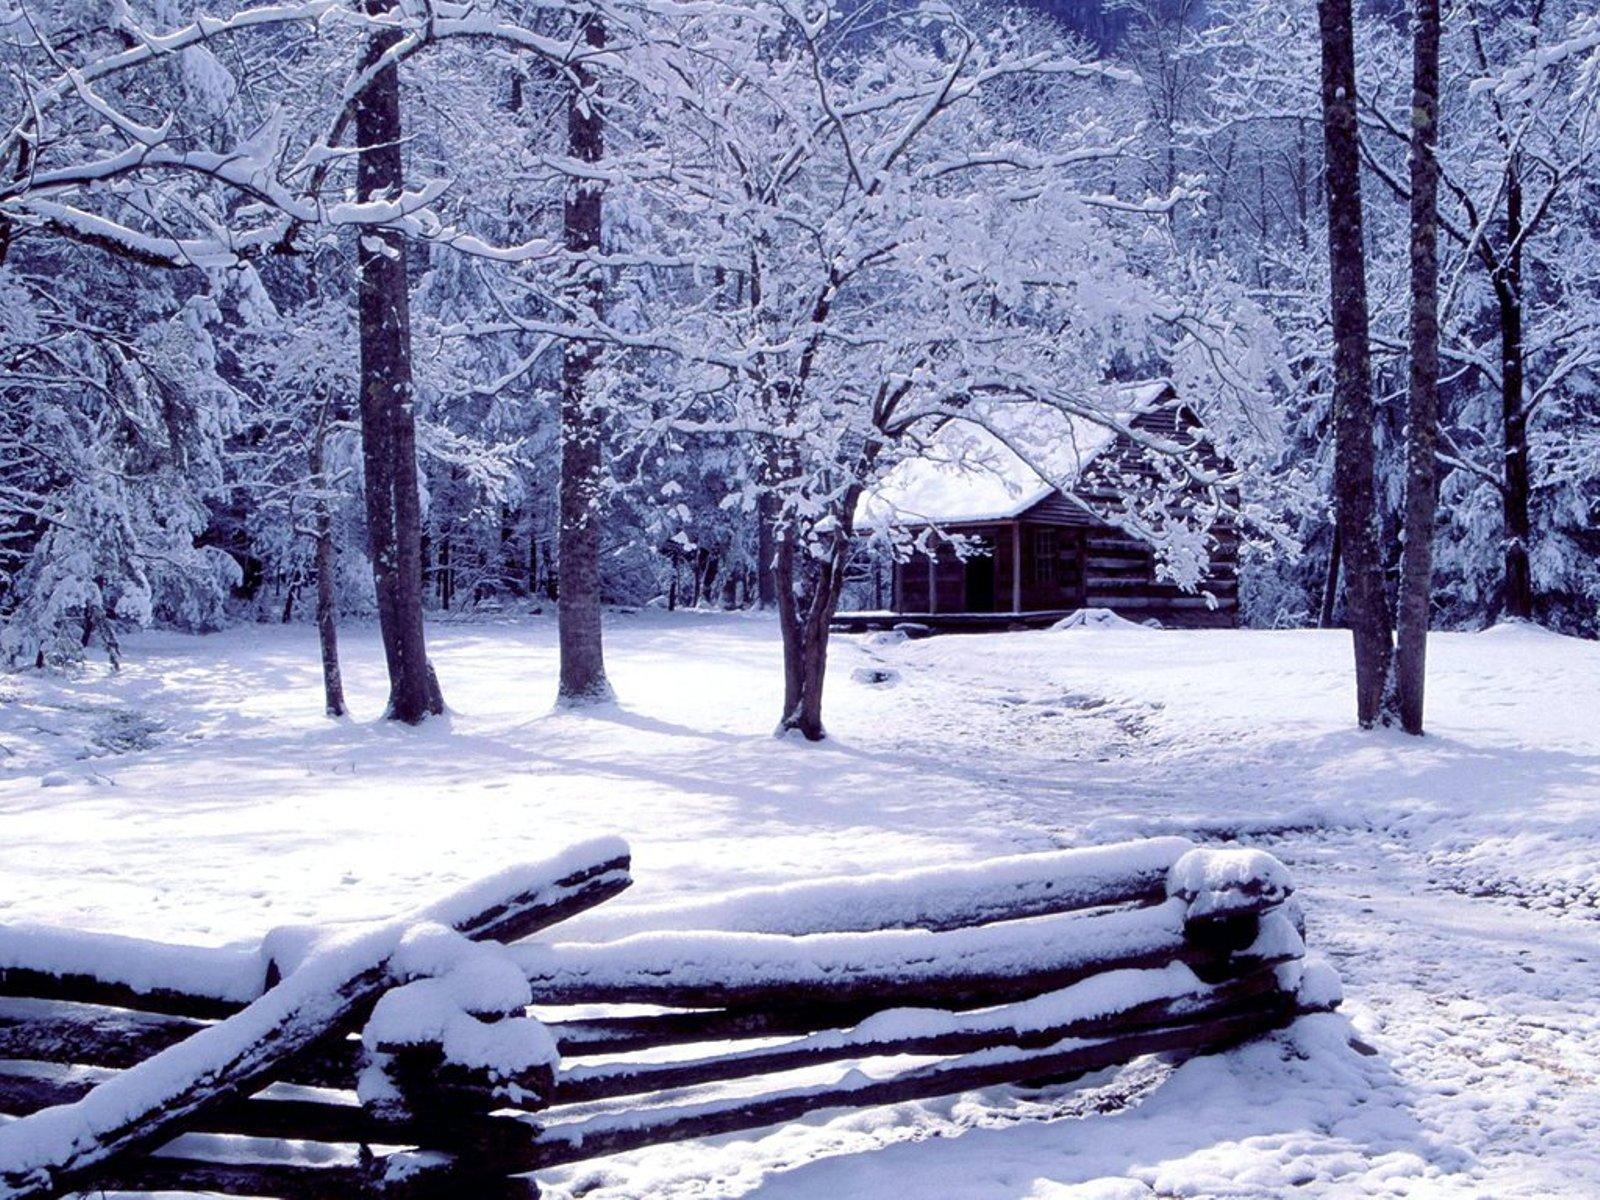 winter scenery winter scenery winter scenery winter scenery